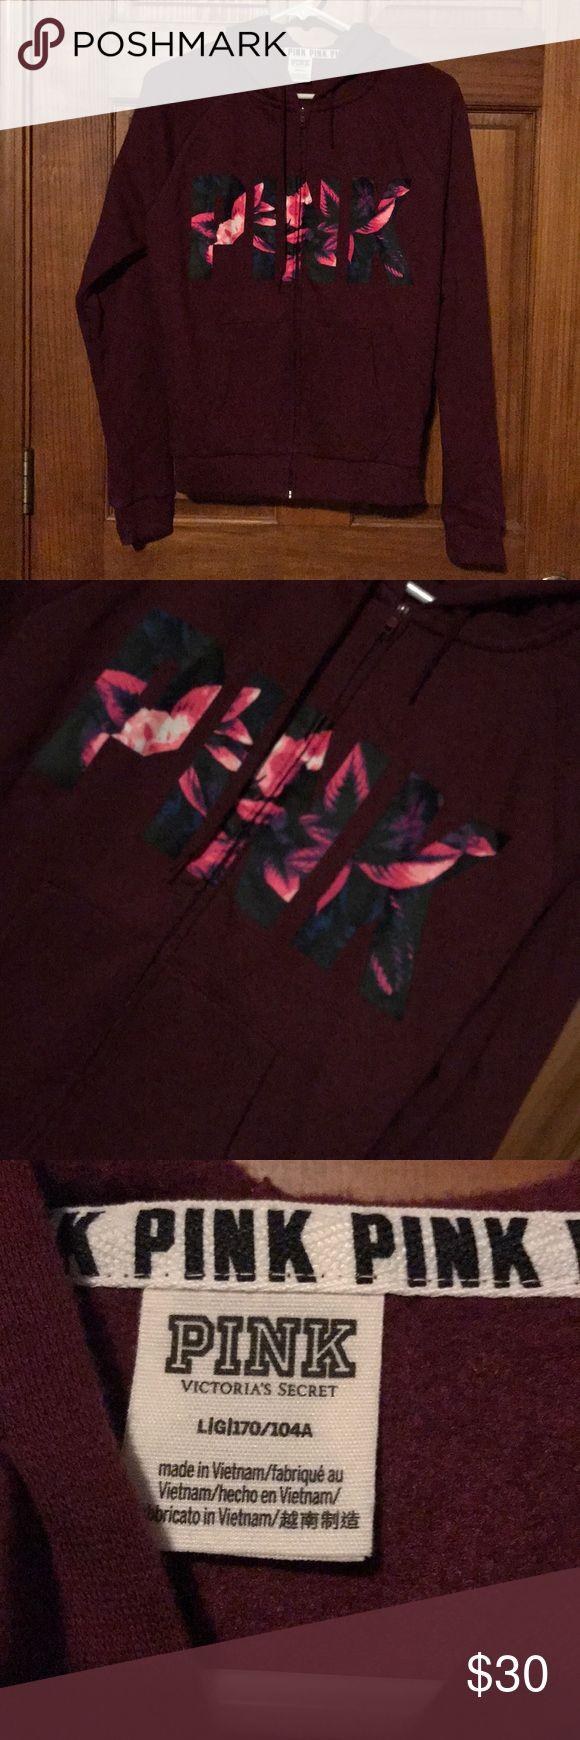 Victors Secret PINK. zip up NWOT maroon PINK zip up reasonable offers accepted PINK Victoria's Secret Tops Sweatshirts & Hoodies